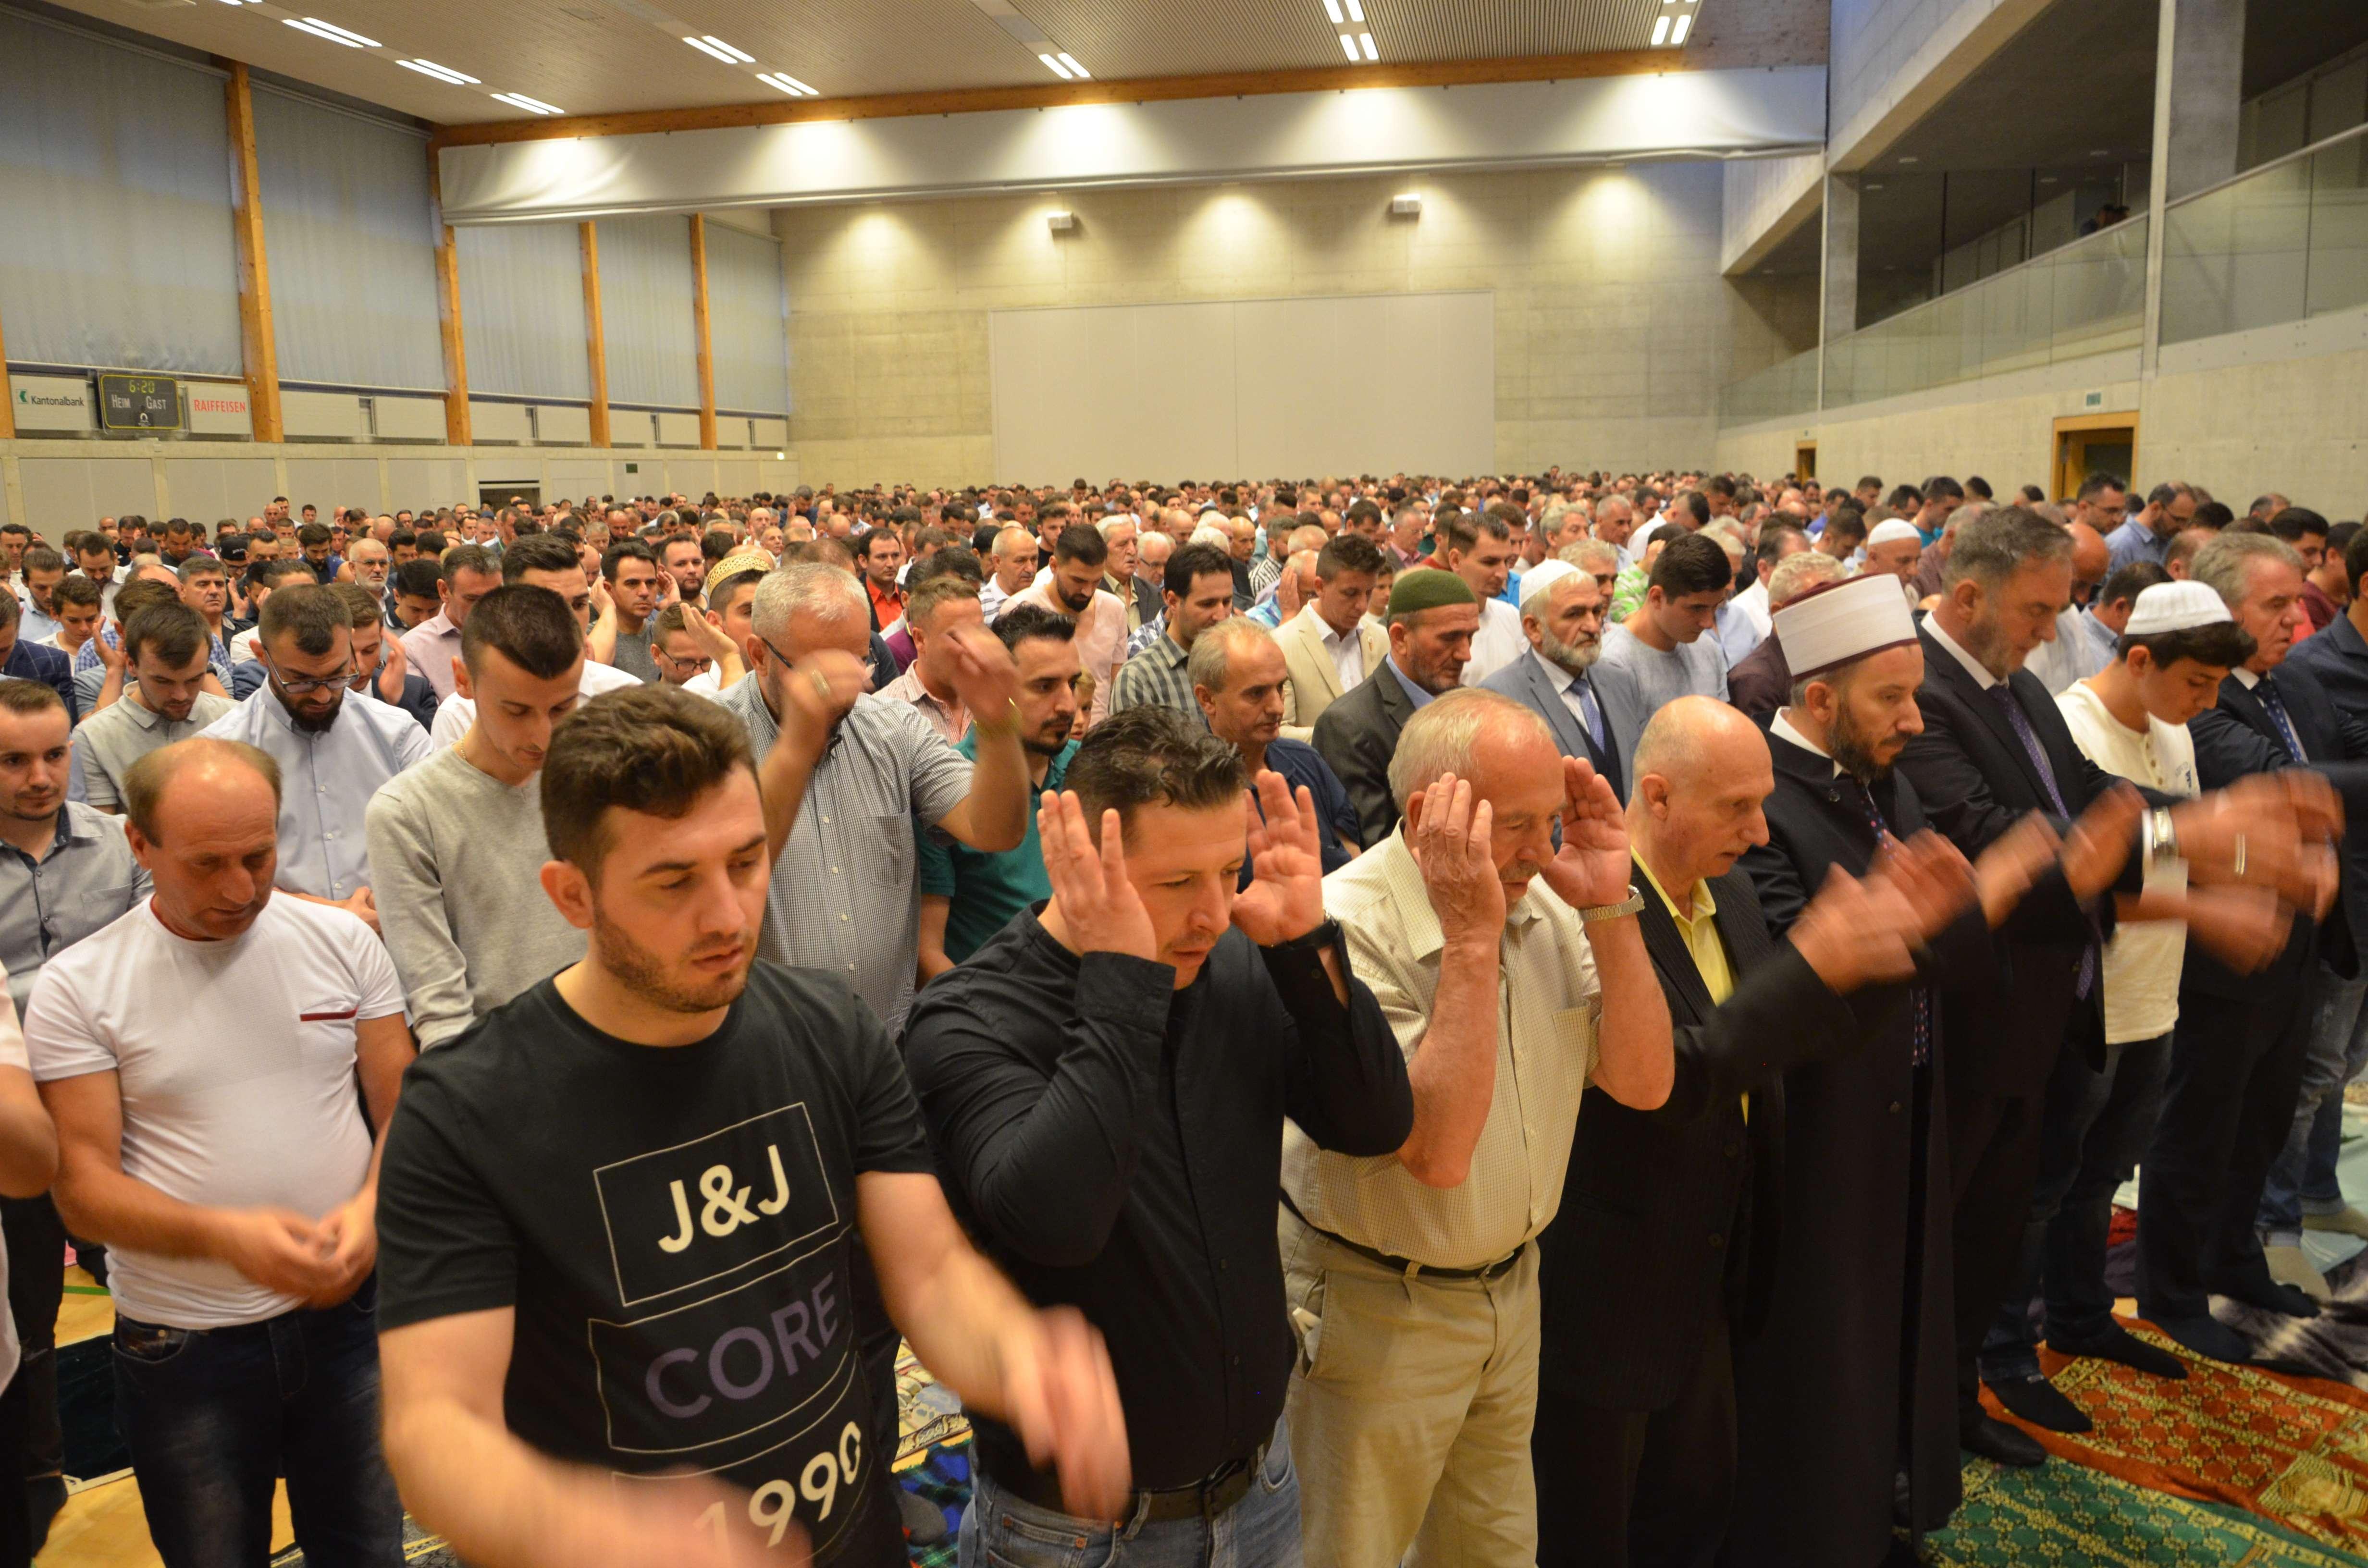 Mesazhi i imamit shqiptar në Wil  Mos i harroni të mirat e popullit zviceran